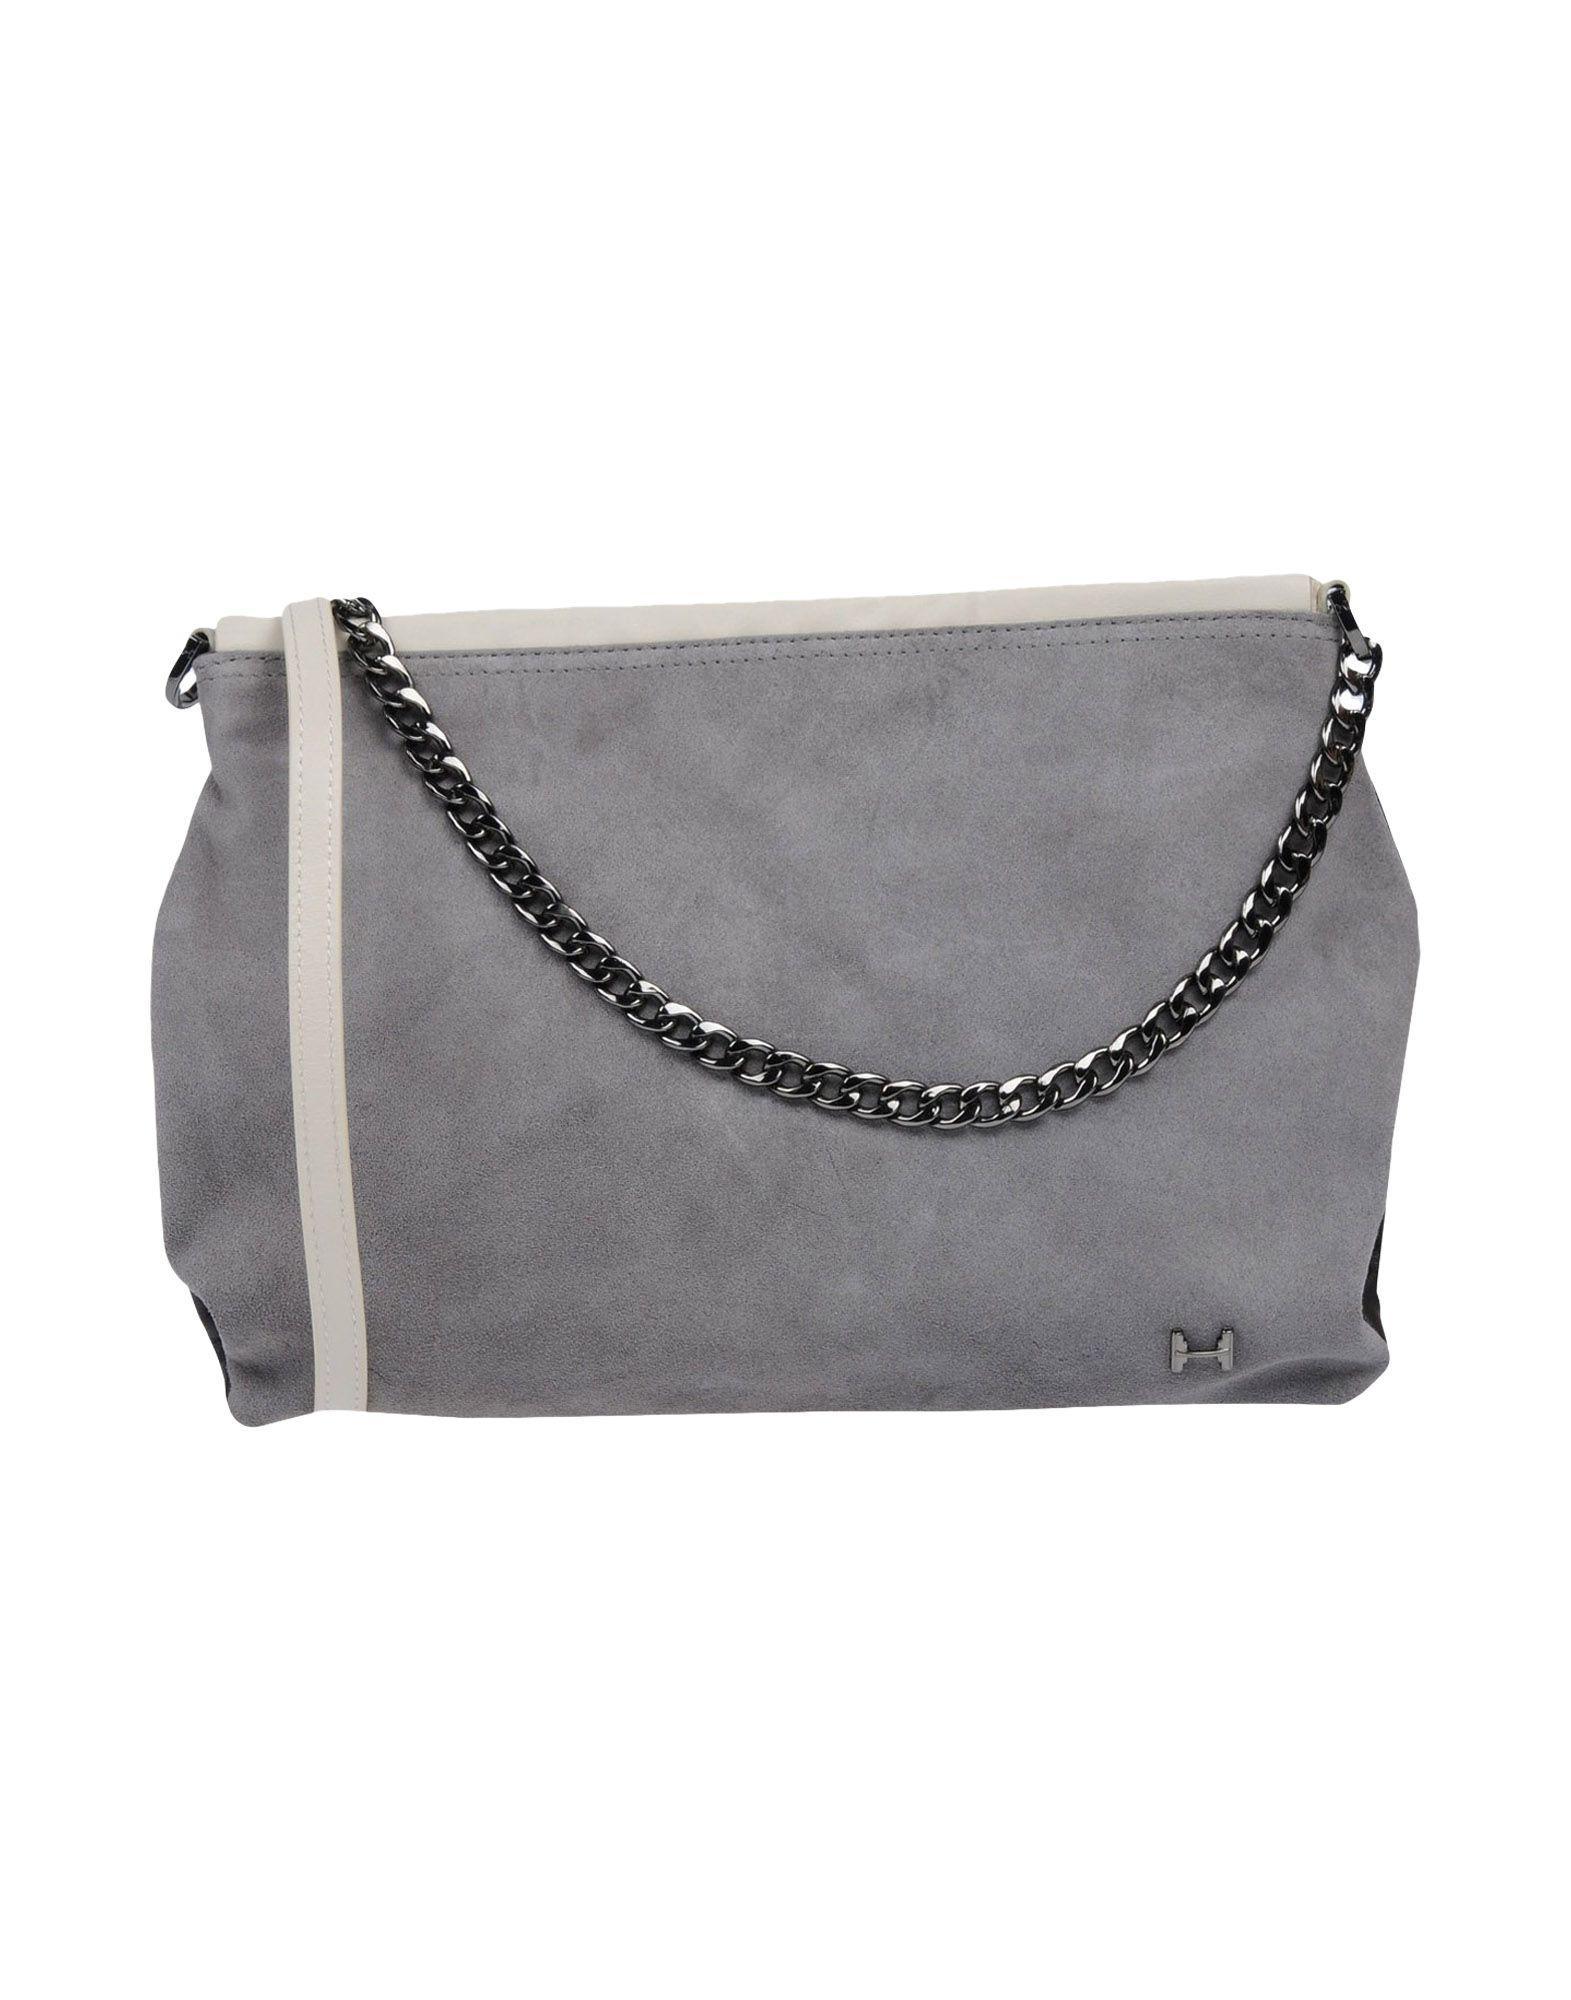 e435babf5b Lyst - Halston Handbag in Gray